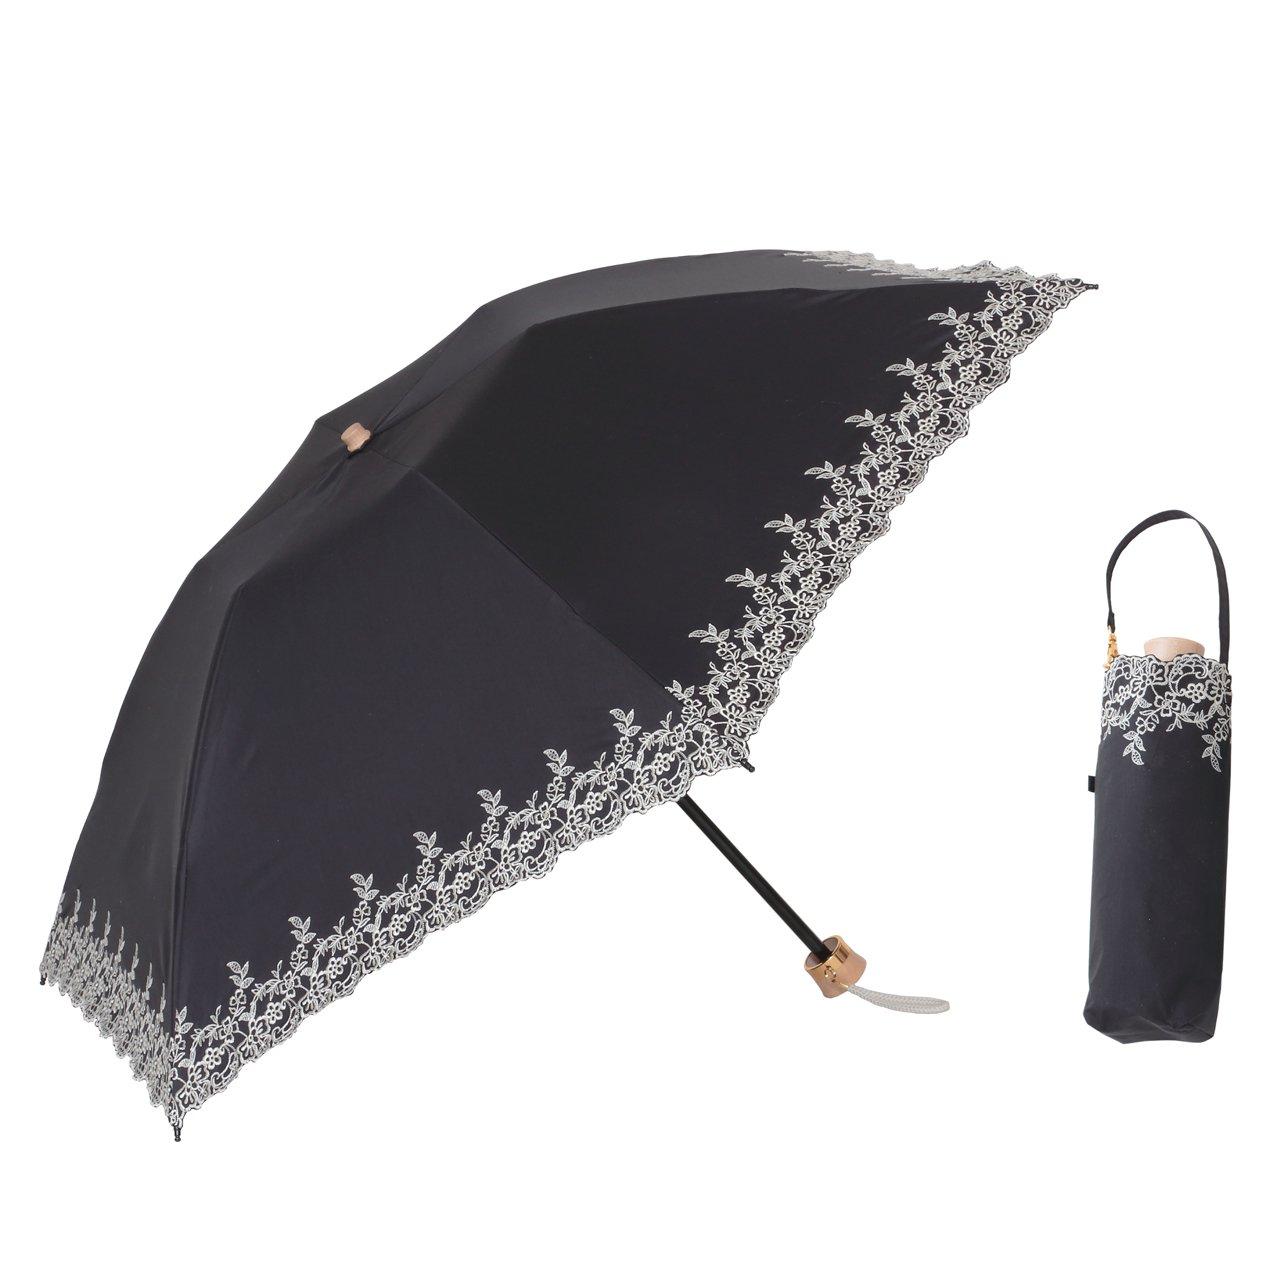 UV 遮熱 遮光 ミニ傘 花柄 晴雨兼用 遮光1級 日傘 【LIEBEN-0518】 クールプラス (ブラック) B00UMVKYV2